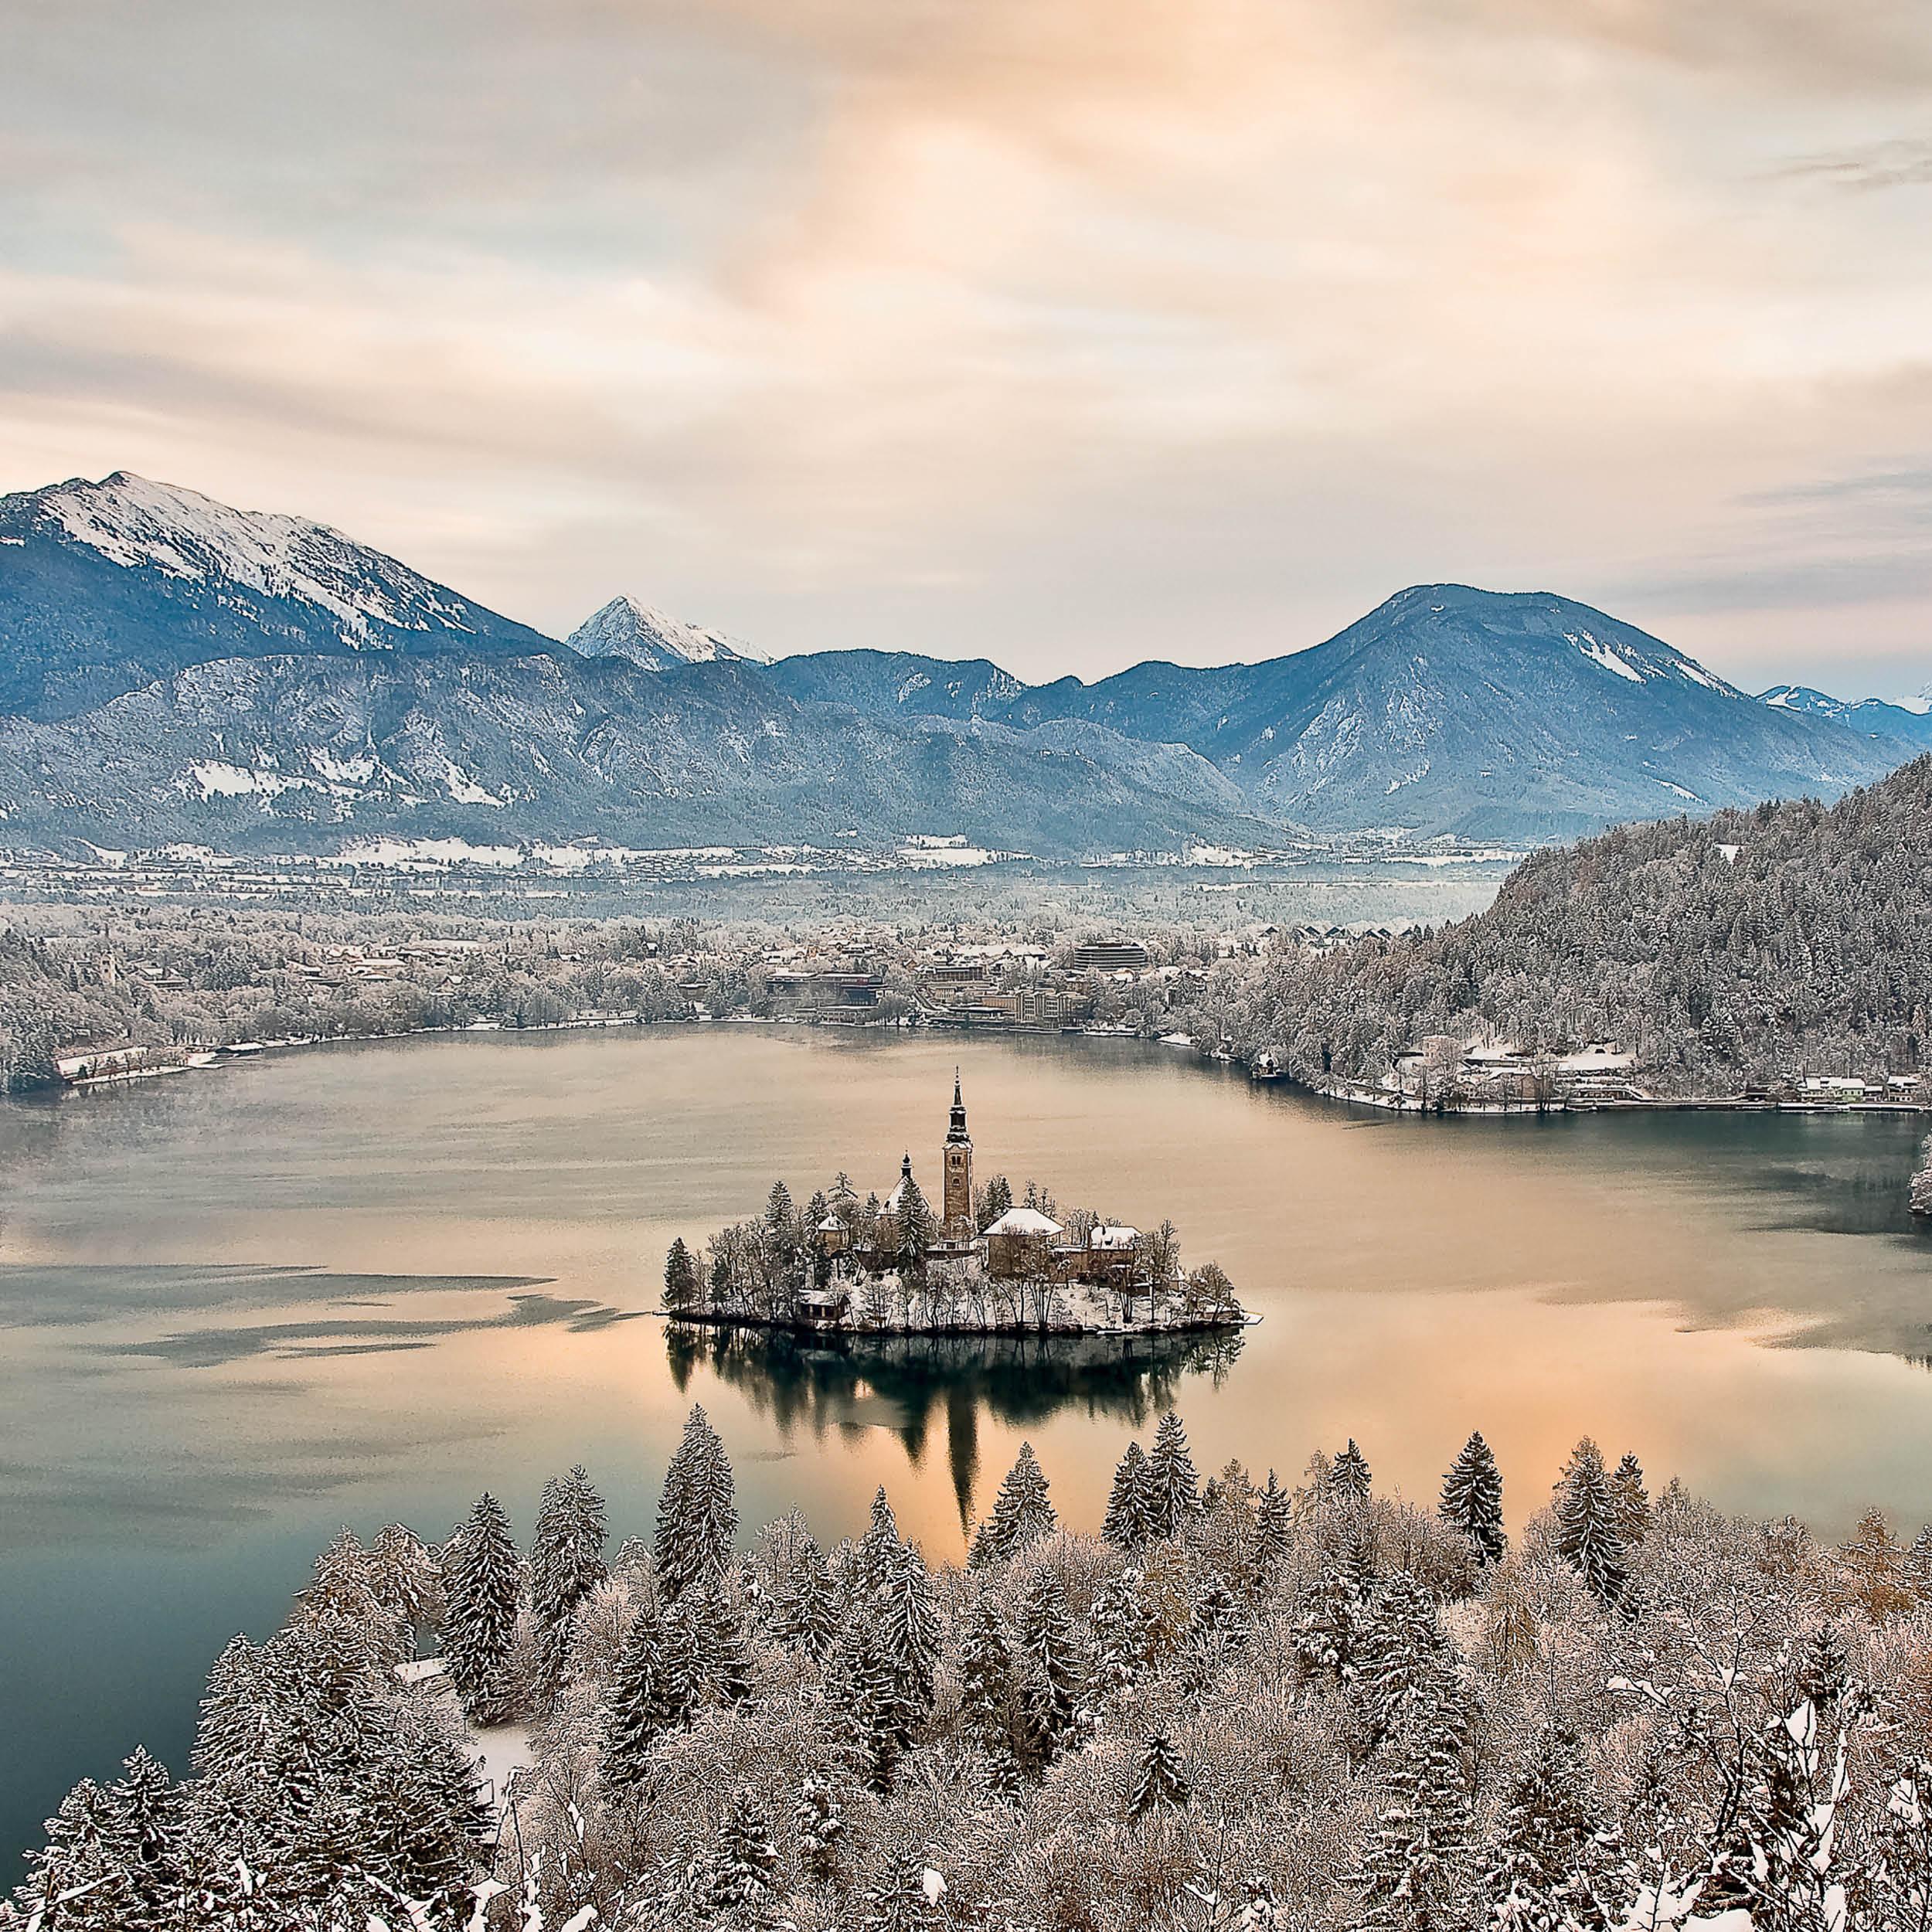 Kunsthandwerk aus den Alpen - Bled